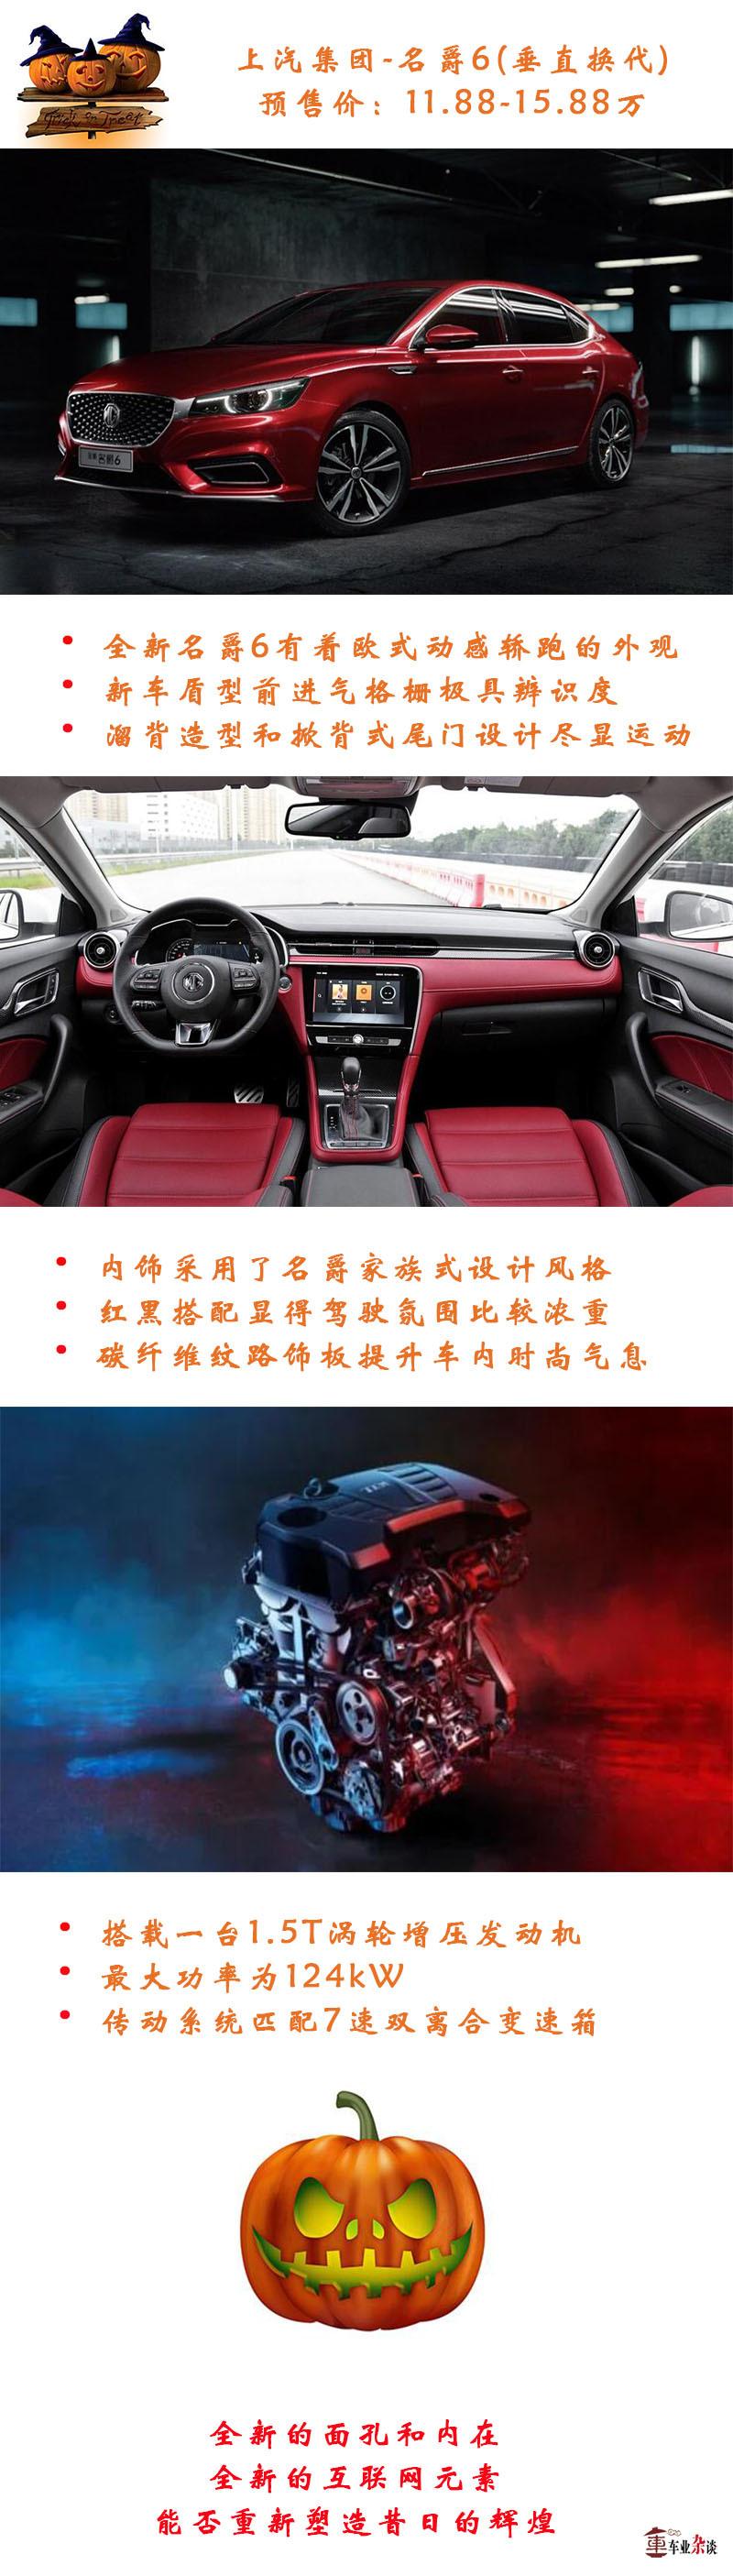 谁还没有个双十一,十一月上市的新车你看好哪款? - 周磊 - 周磊